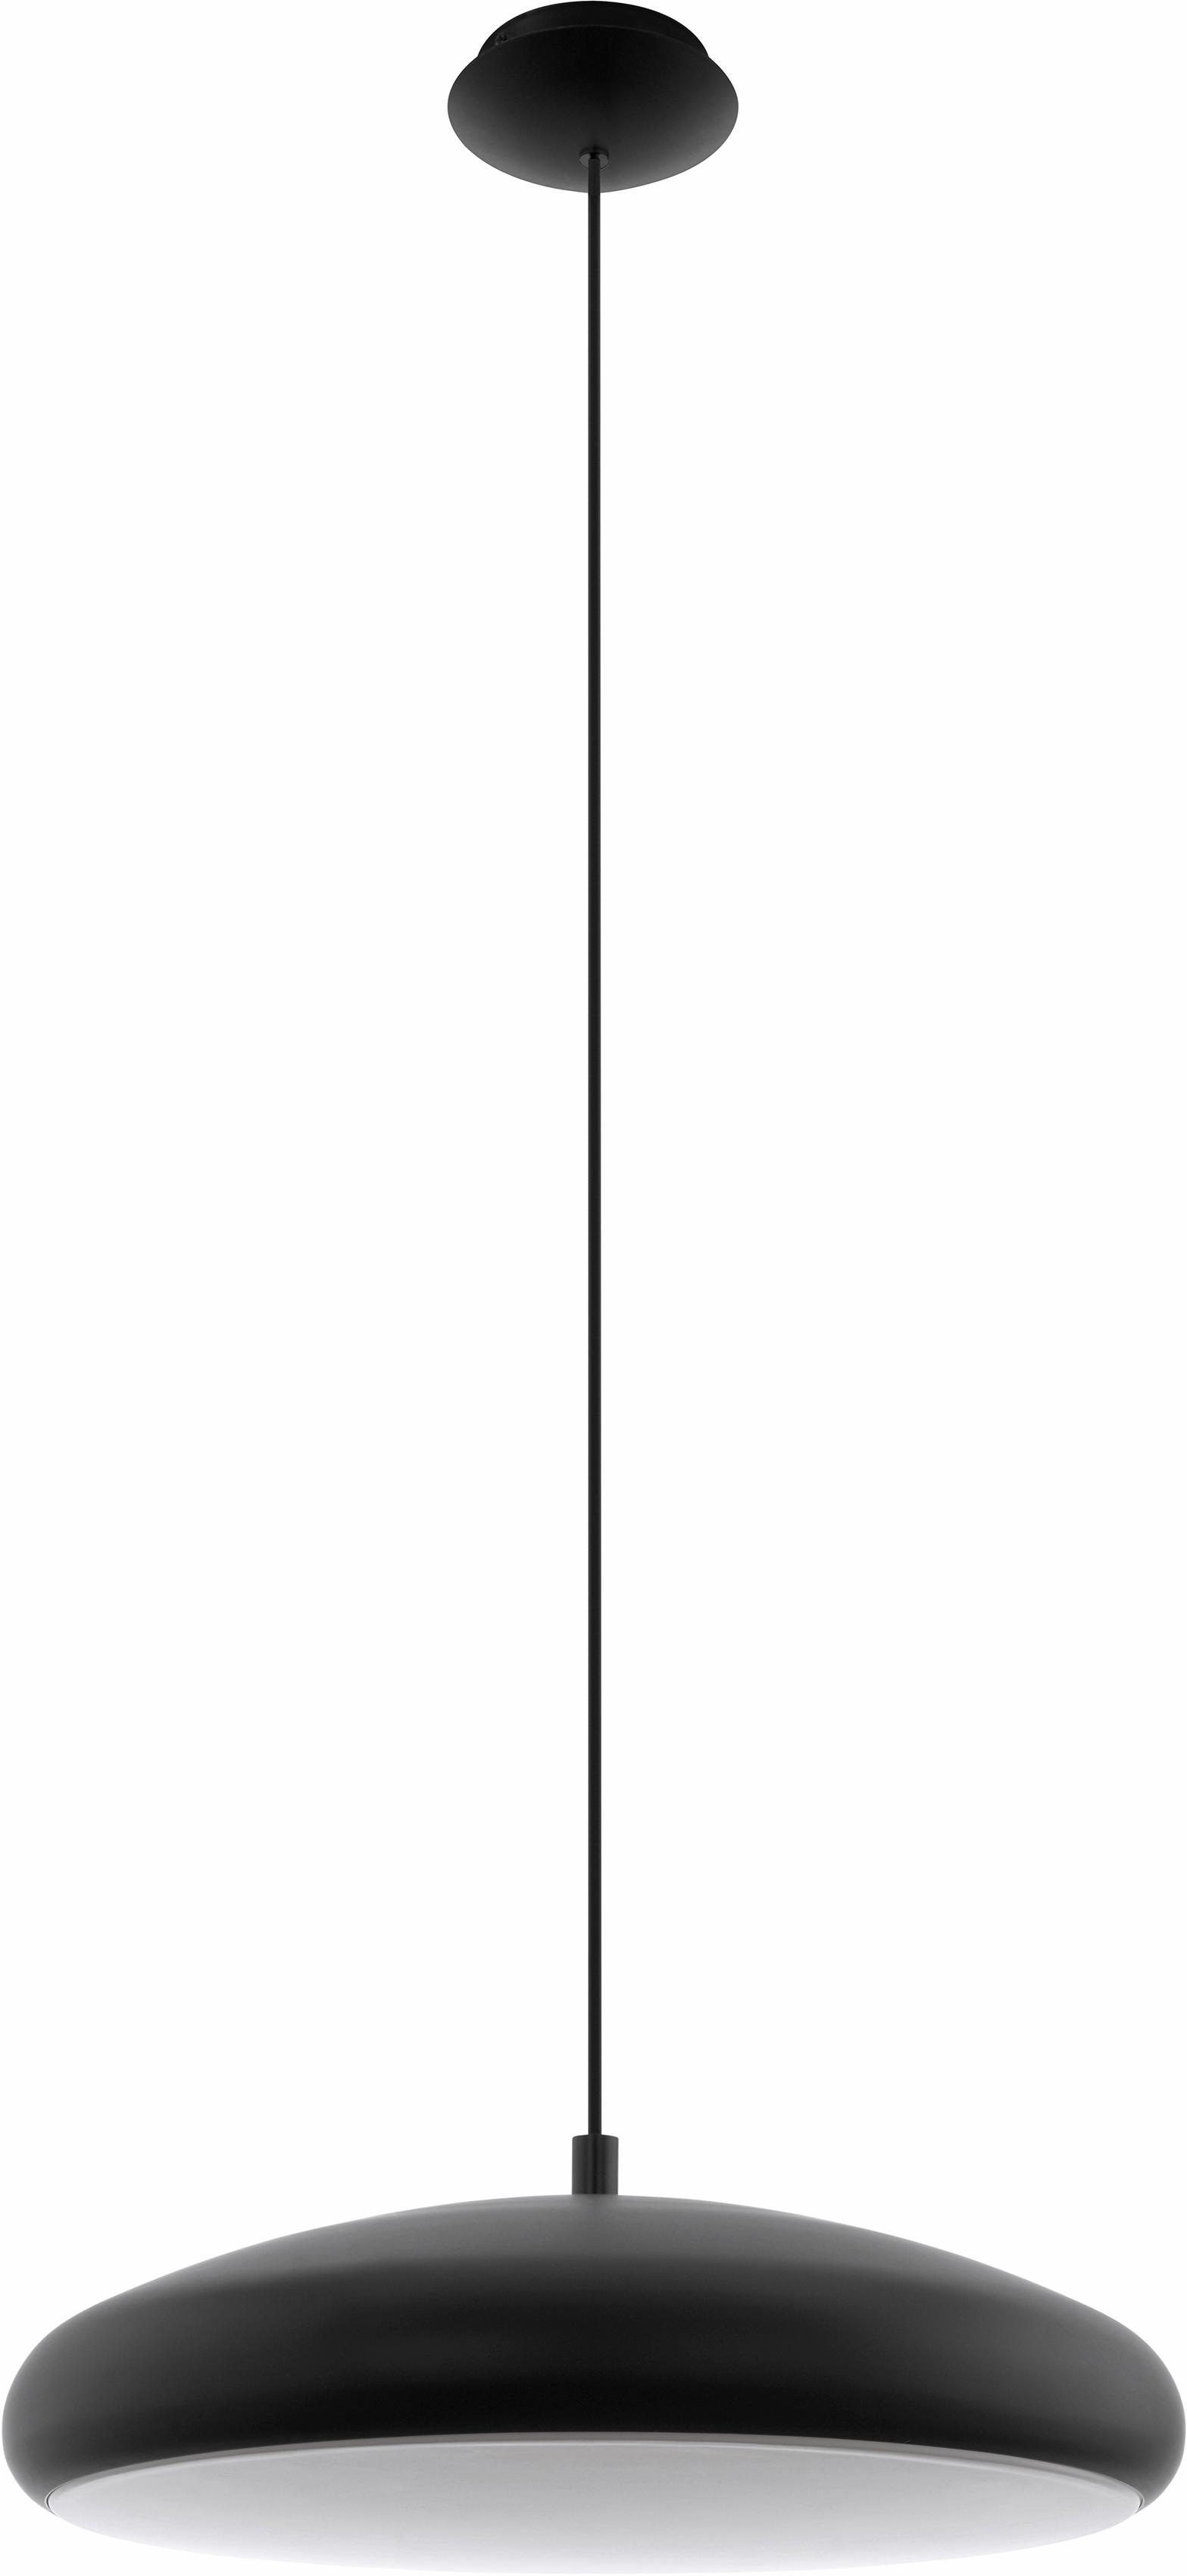 EGLO LED Pendelleuchte RIODEVA-C, LED-Board, Neutralweiß-Tageslichtweiß-Warmweiß-Kaltweiß, Hängeleuchte, EGLO CONNECT, Steuerung über APP + Fernbedienung, BLE, CCT, RGB, dimmbar, Farbwechsel